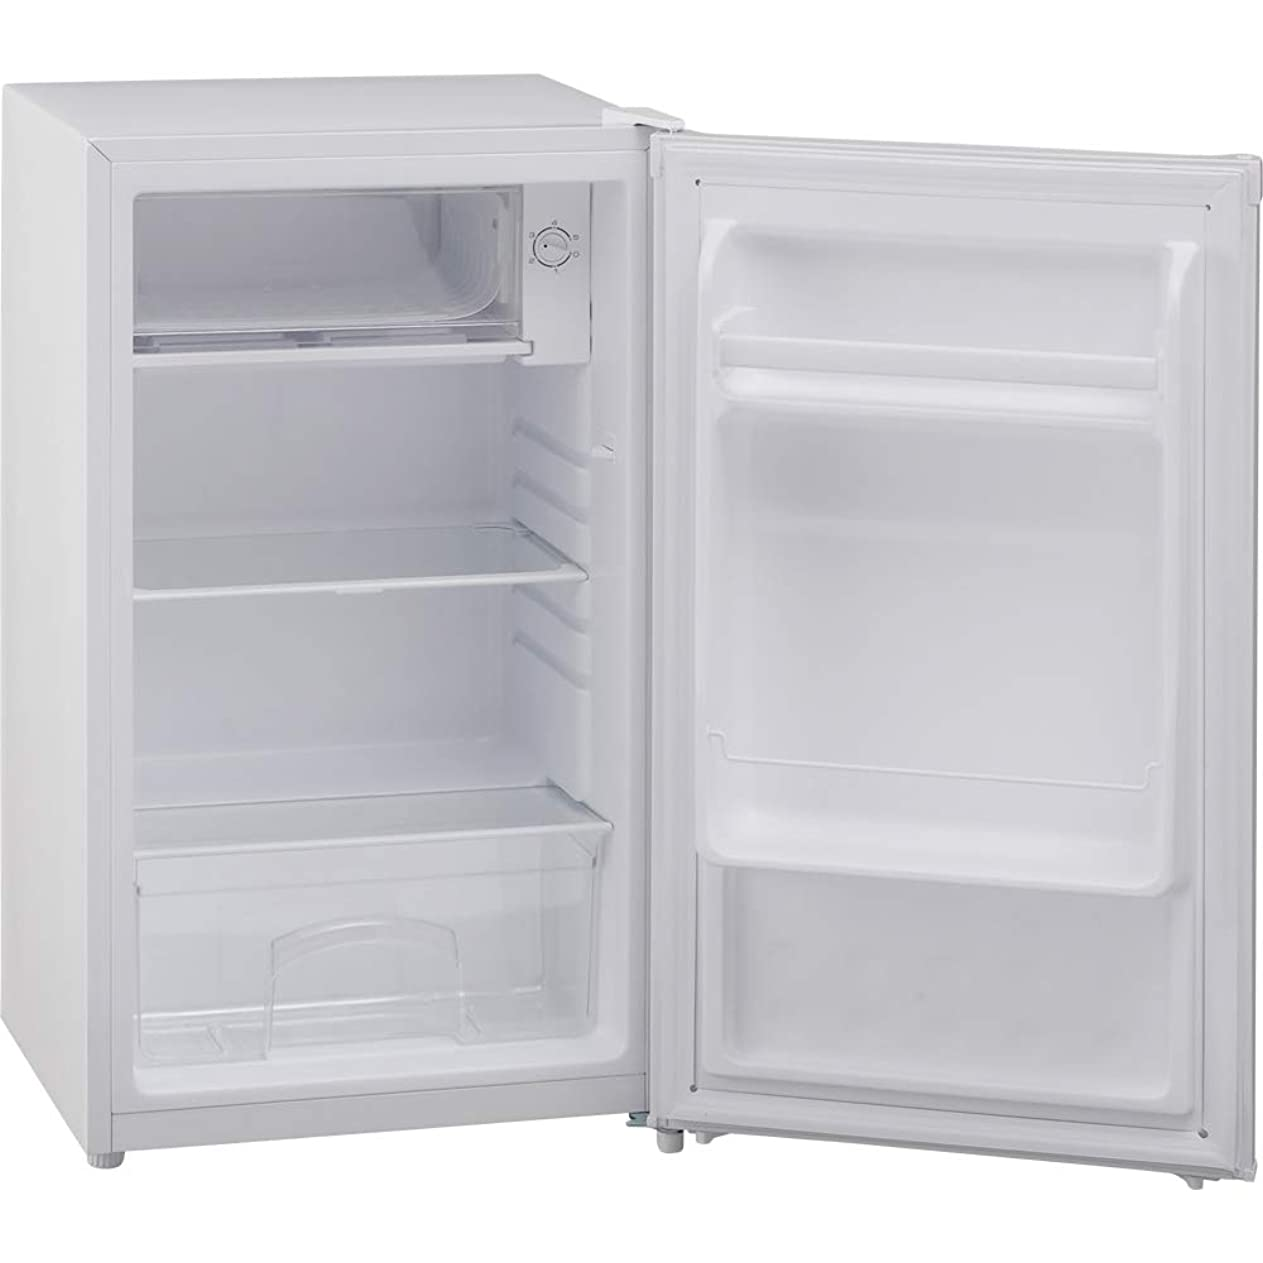 水星泥沼前に【左右開き対応】TOHOTAIYO 2ドア冷蔵庫 90L TH-90L2 (ダークウッド)